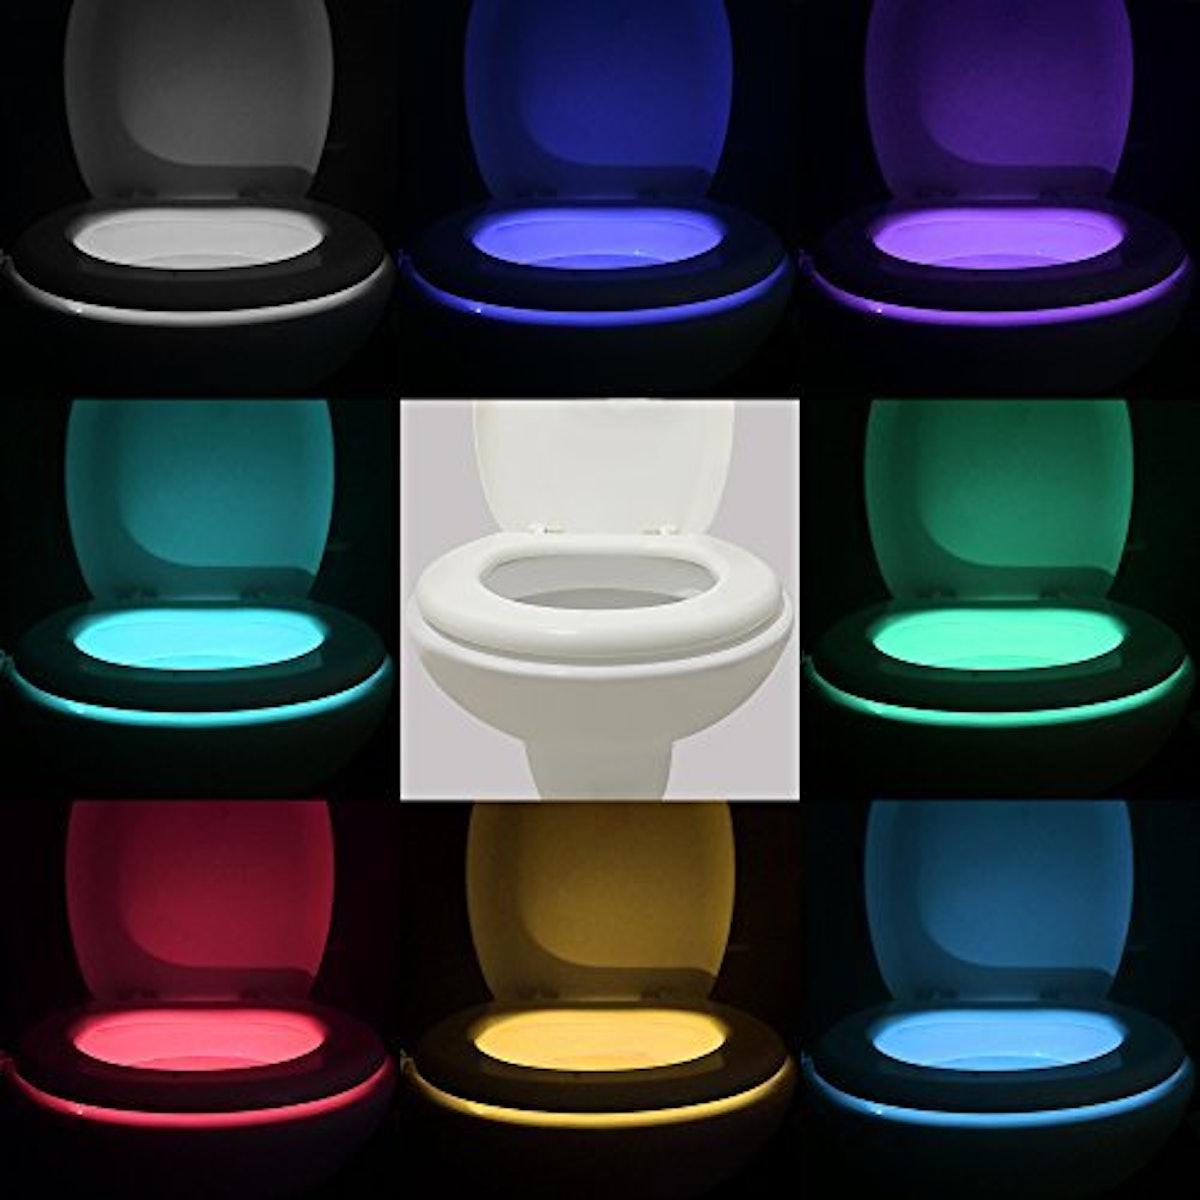 Vintar LED Toilet Night Light